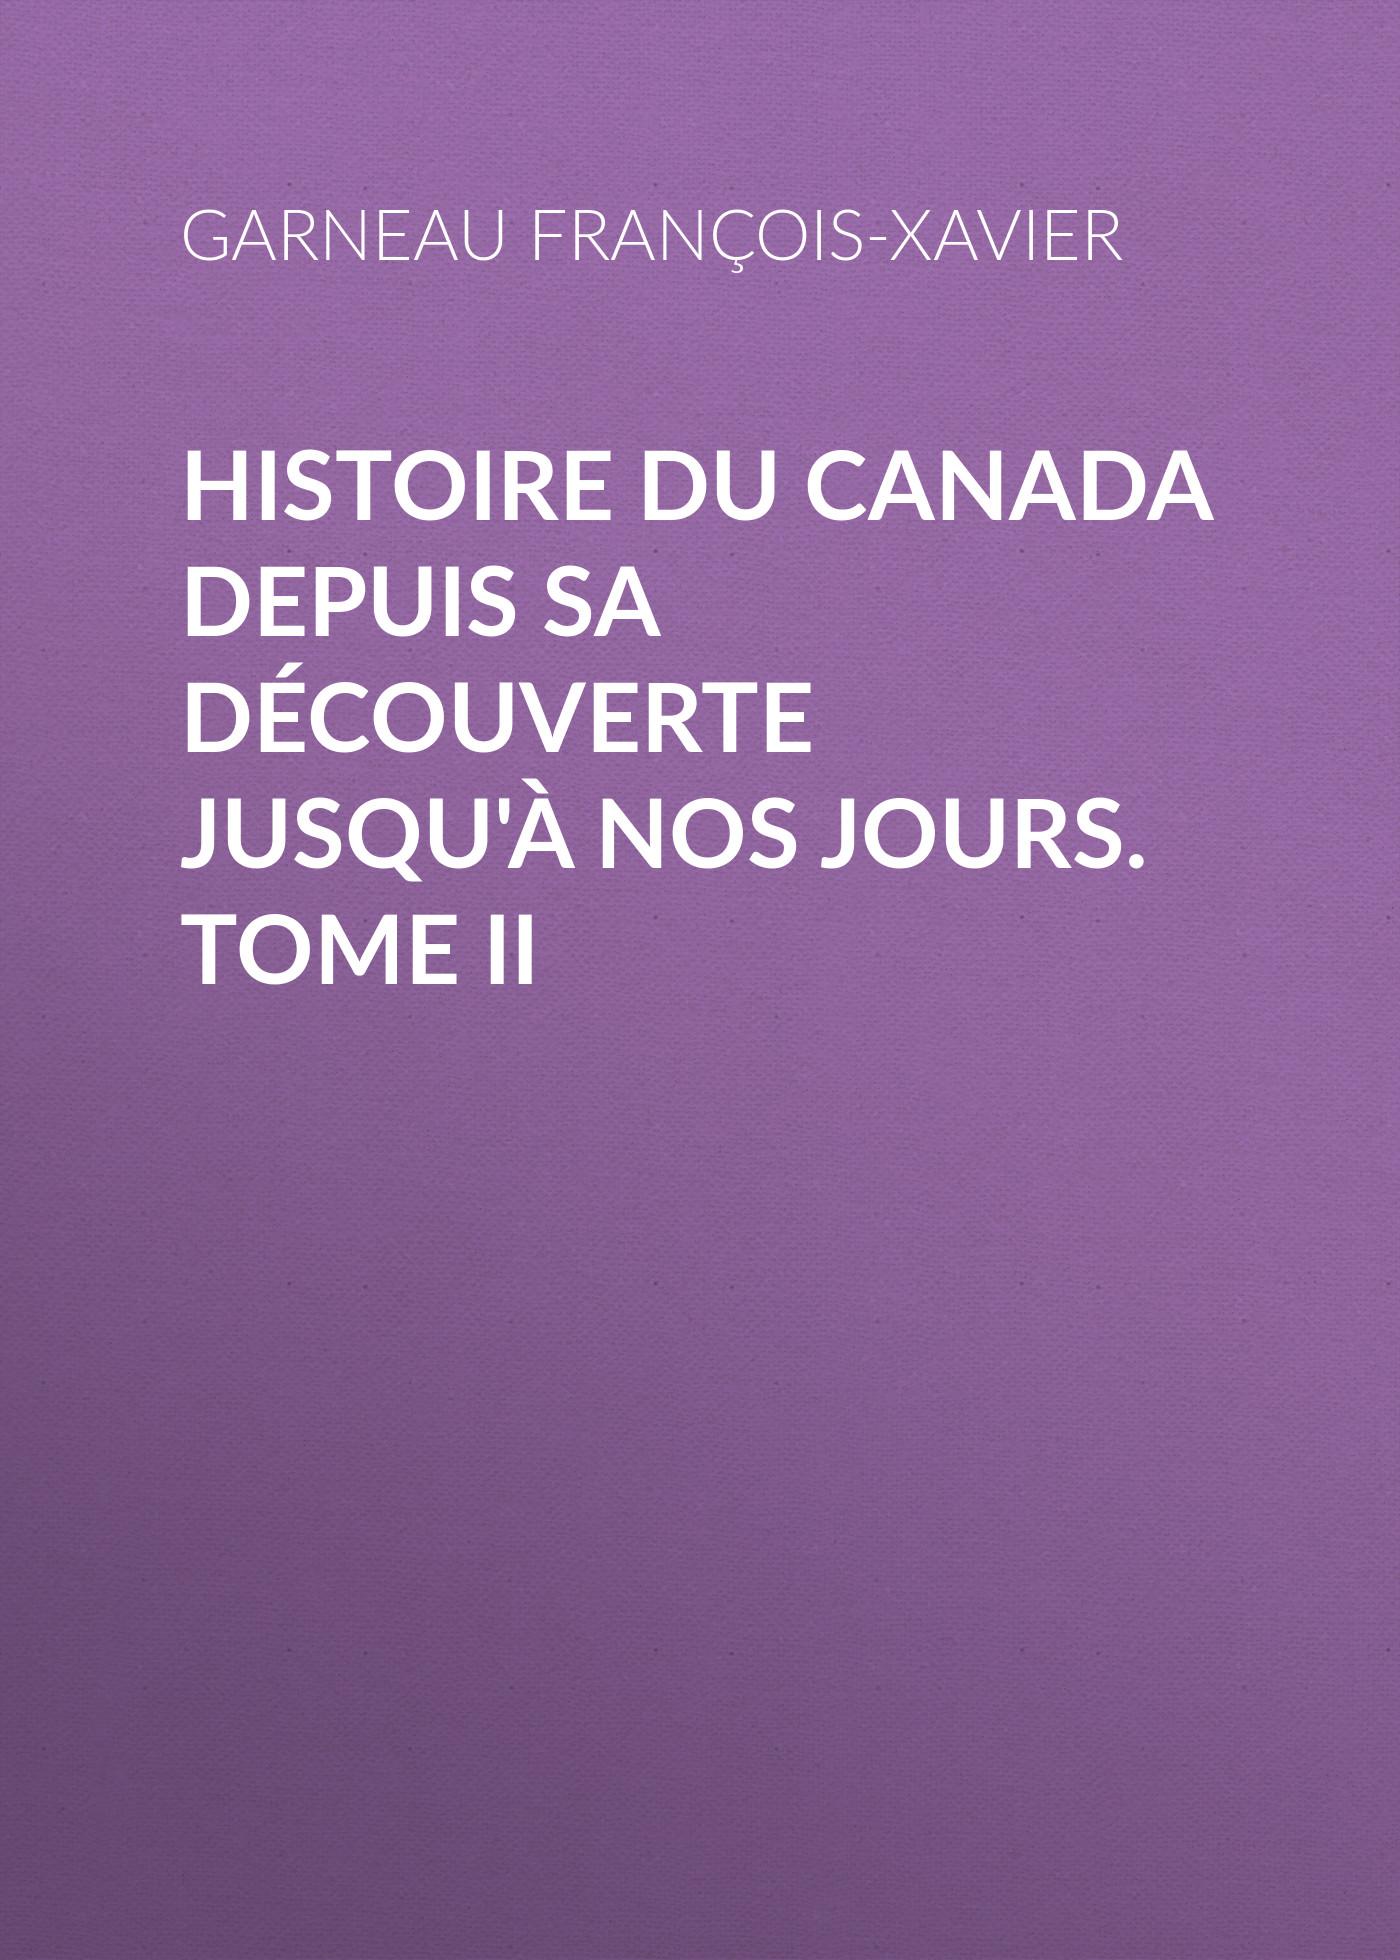 Garneau François-Xavier Histoire du Canada depuis sa découverte jusqu'à nos jours. Tome II françois daniel nos gloires nationales ou histoire des principales familles du canada 2